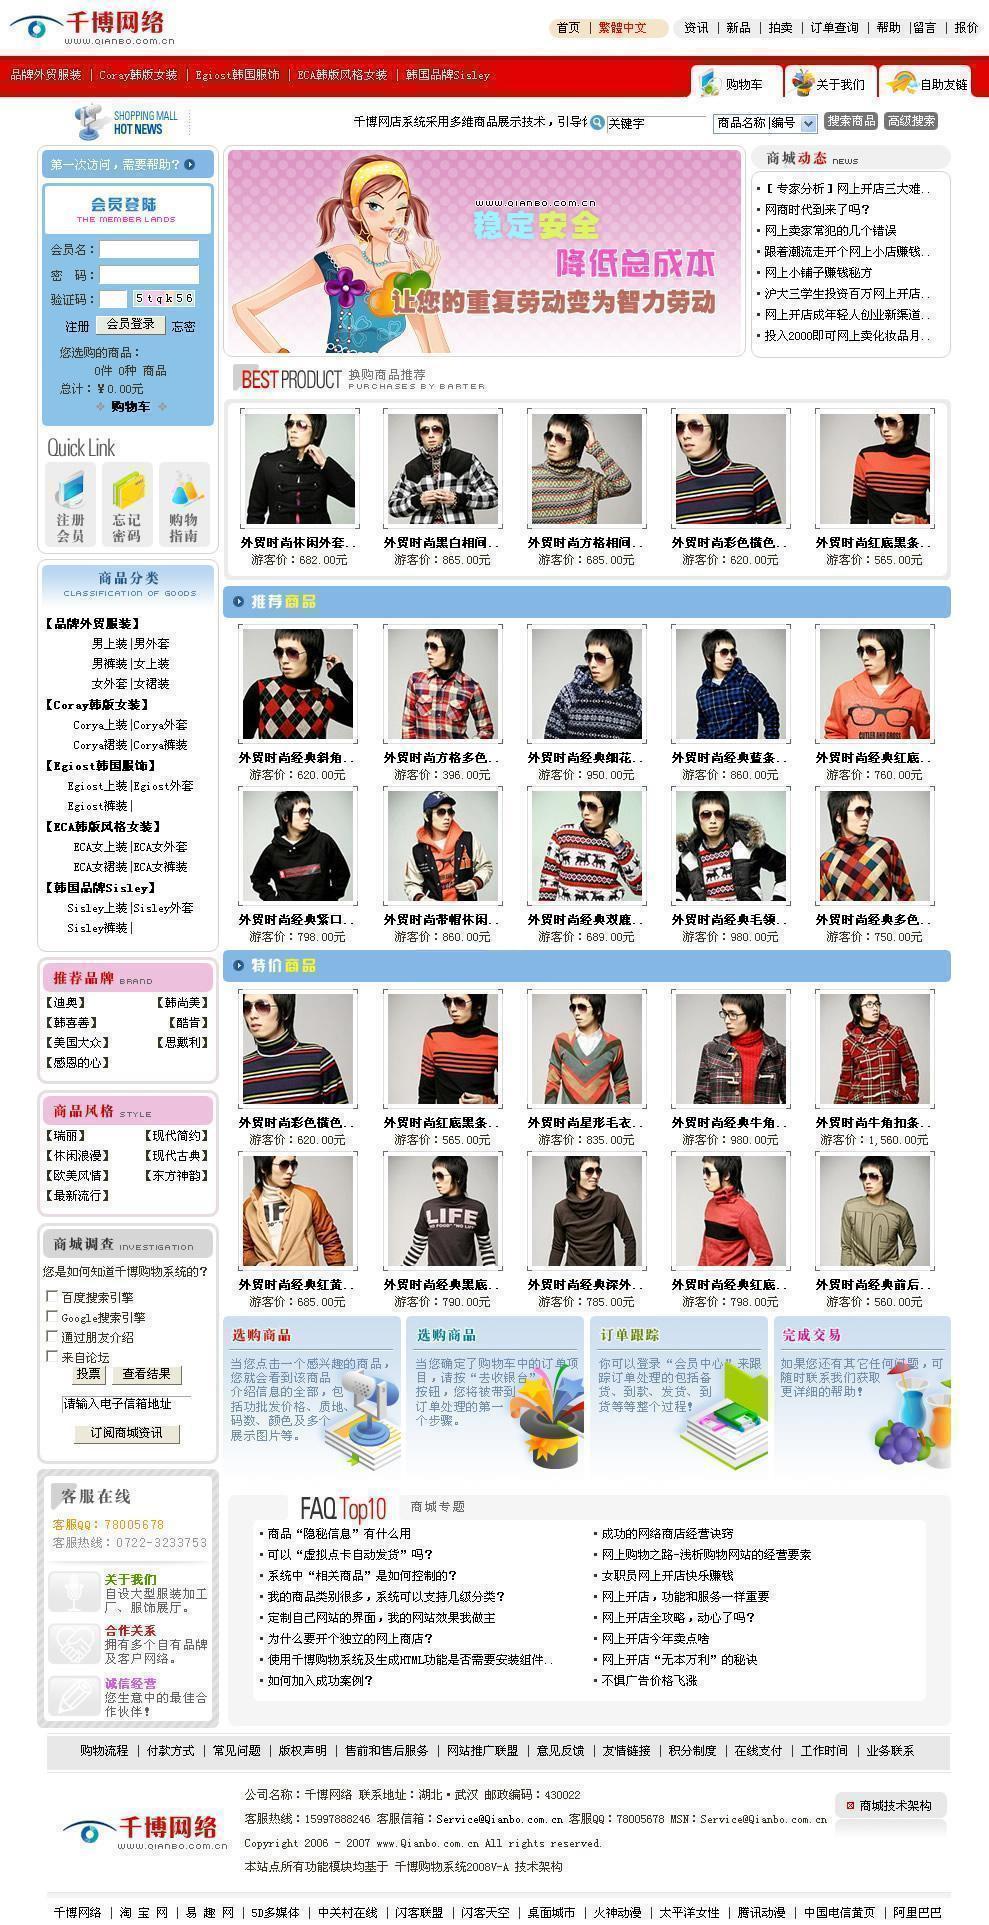 【千博购物系统 v2021】免费开源网上商城购物系统+多功能在线商店系统+Build0206